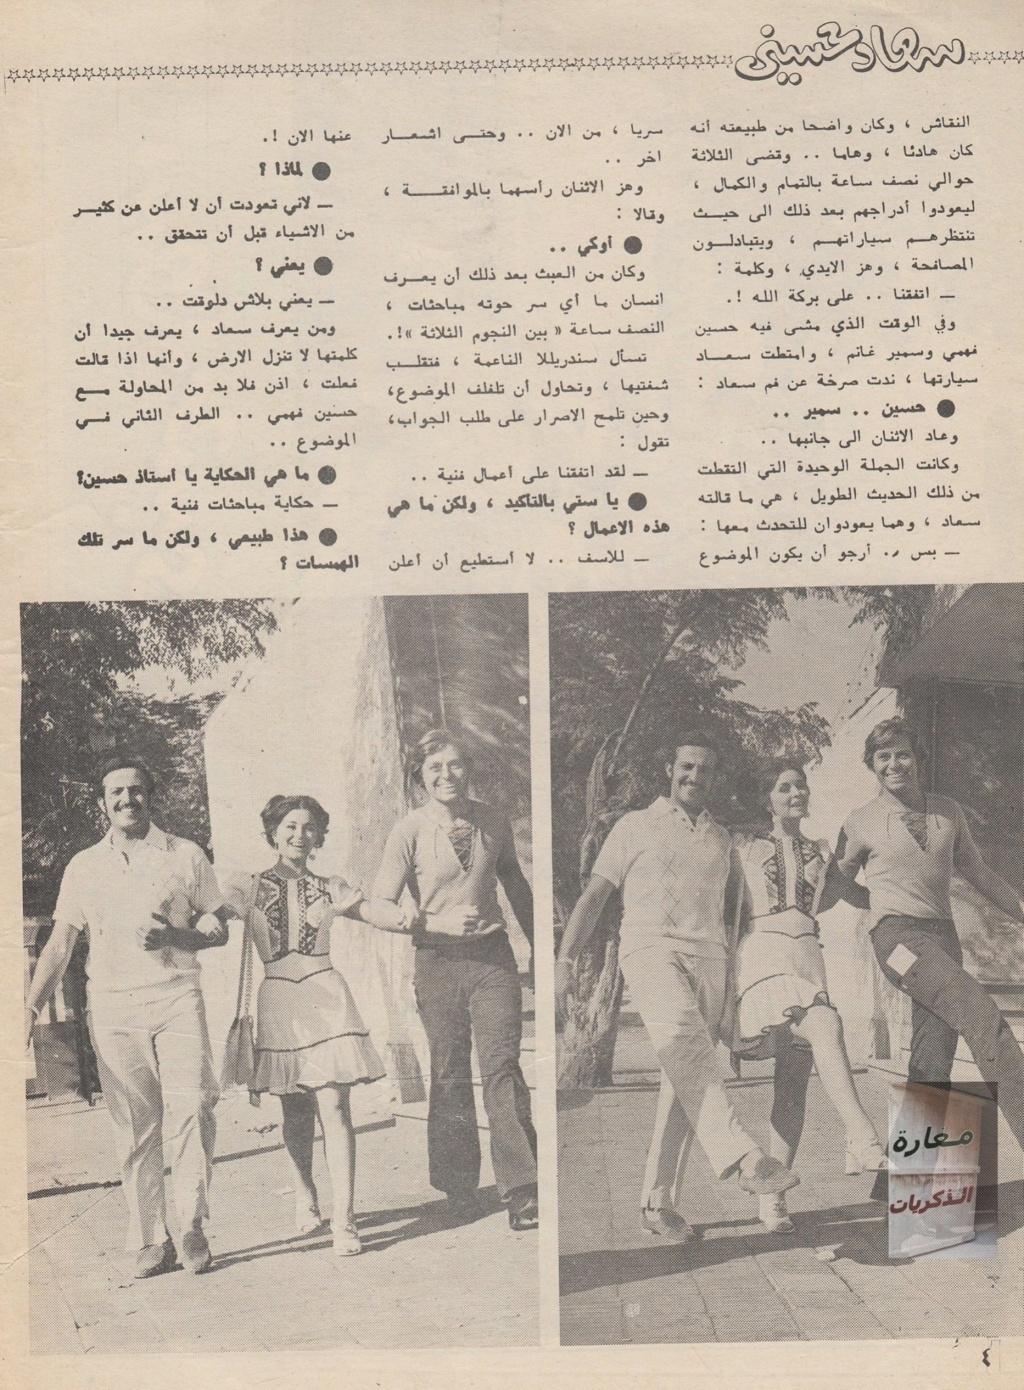 مقال - مقال صحفي : سعاد حسني تحولت إلى مطربة مسرحية 1972 م 2197